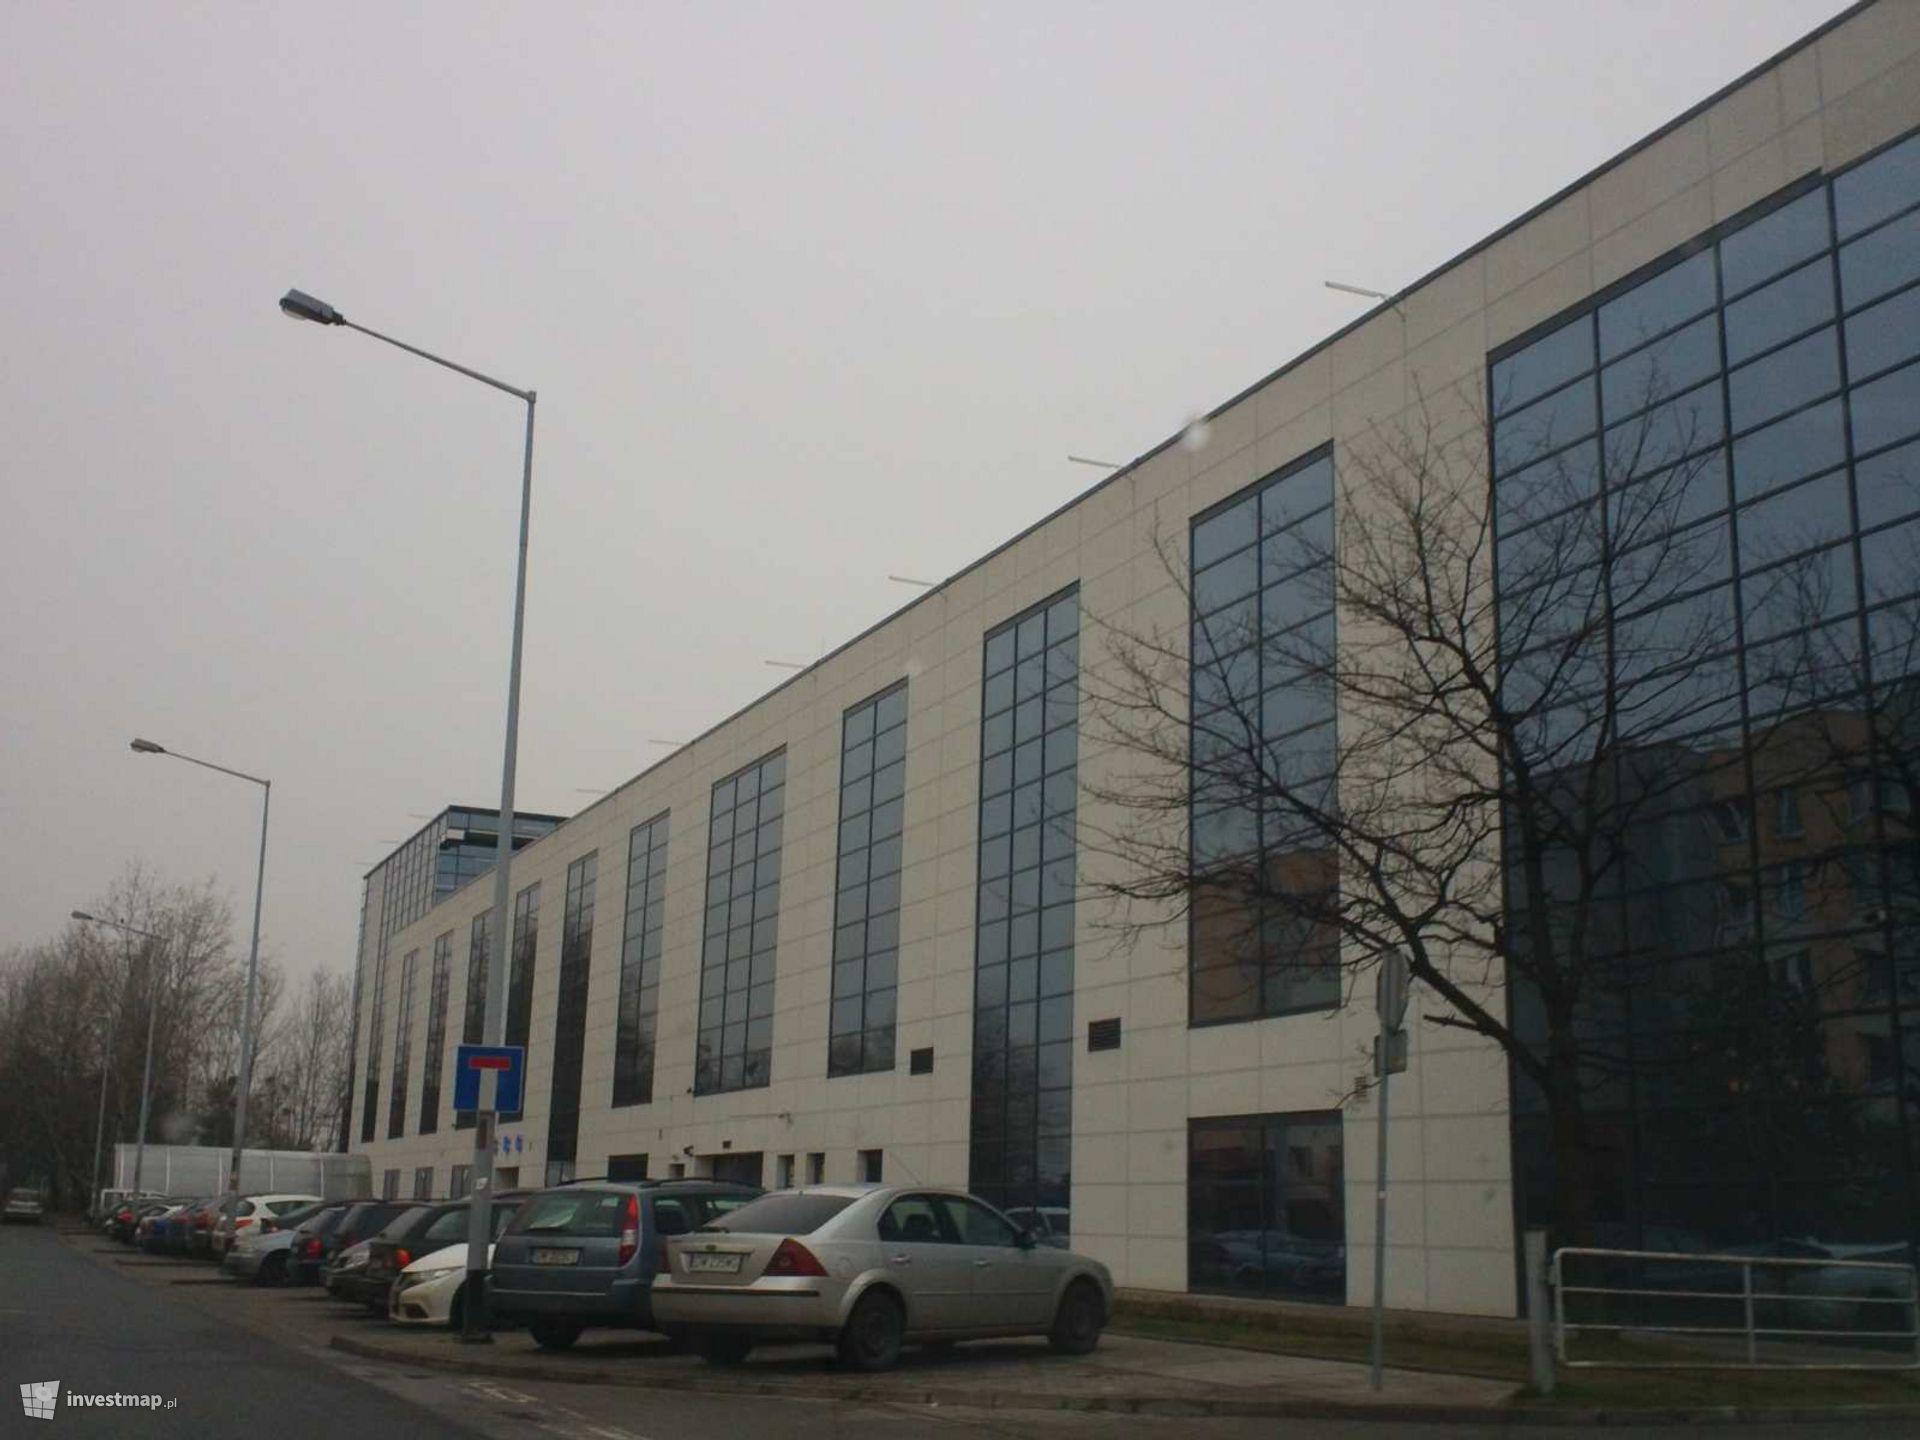 Hala ASCO Śląsk (nowy ośrodek treningowy)